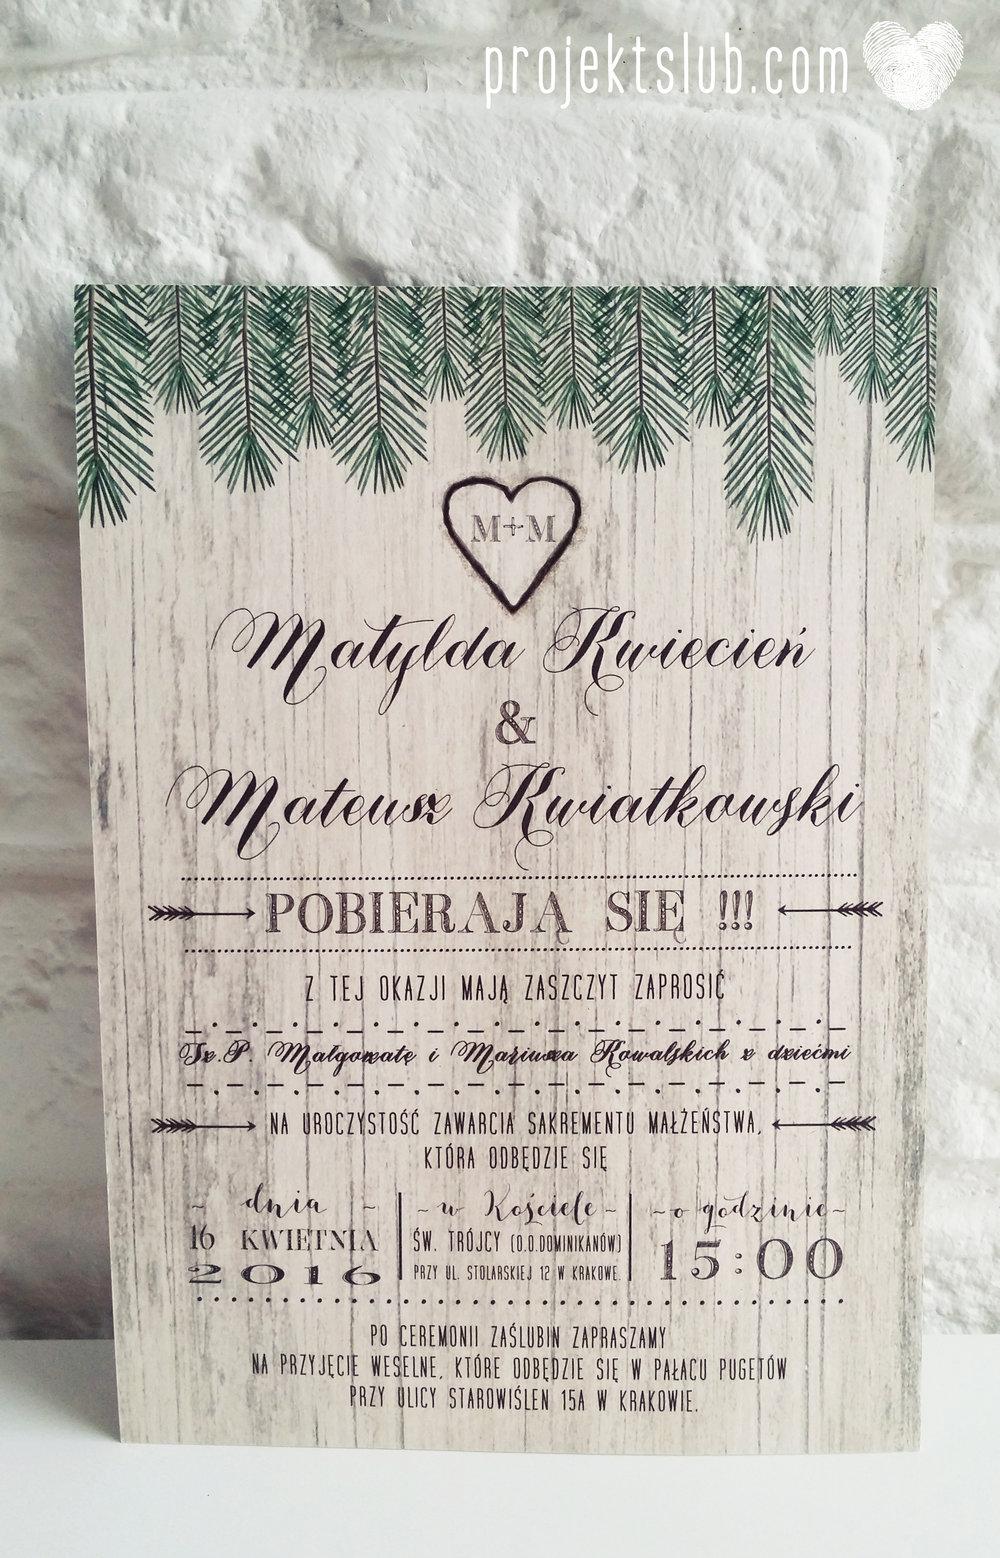 Zaproszenia ślubne Woodlove z motywem drewna iglaków świerku lasku rustykalne leśne eko Projekt Ślub (5).jpg